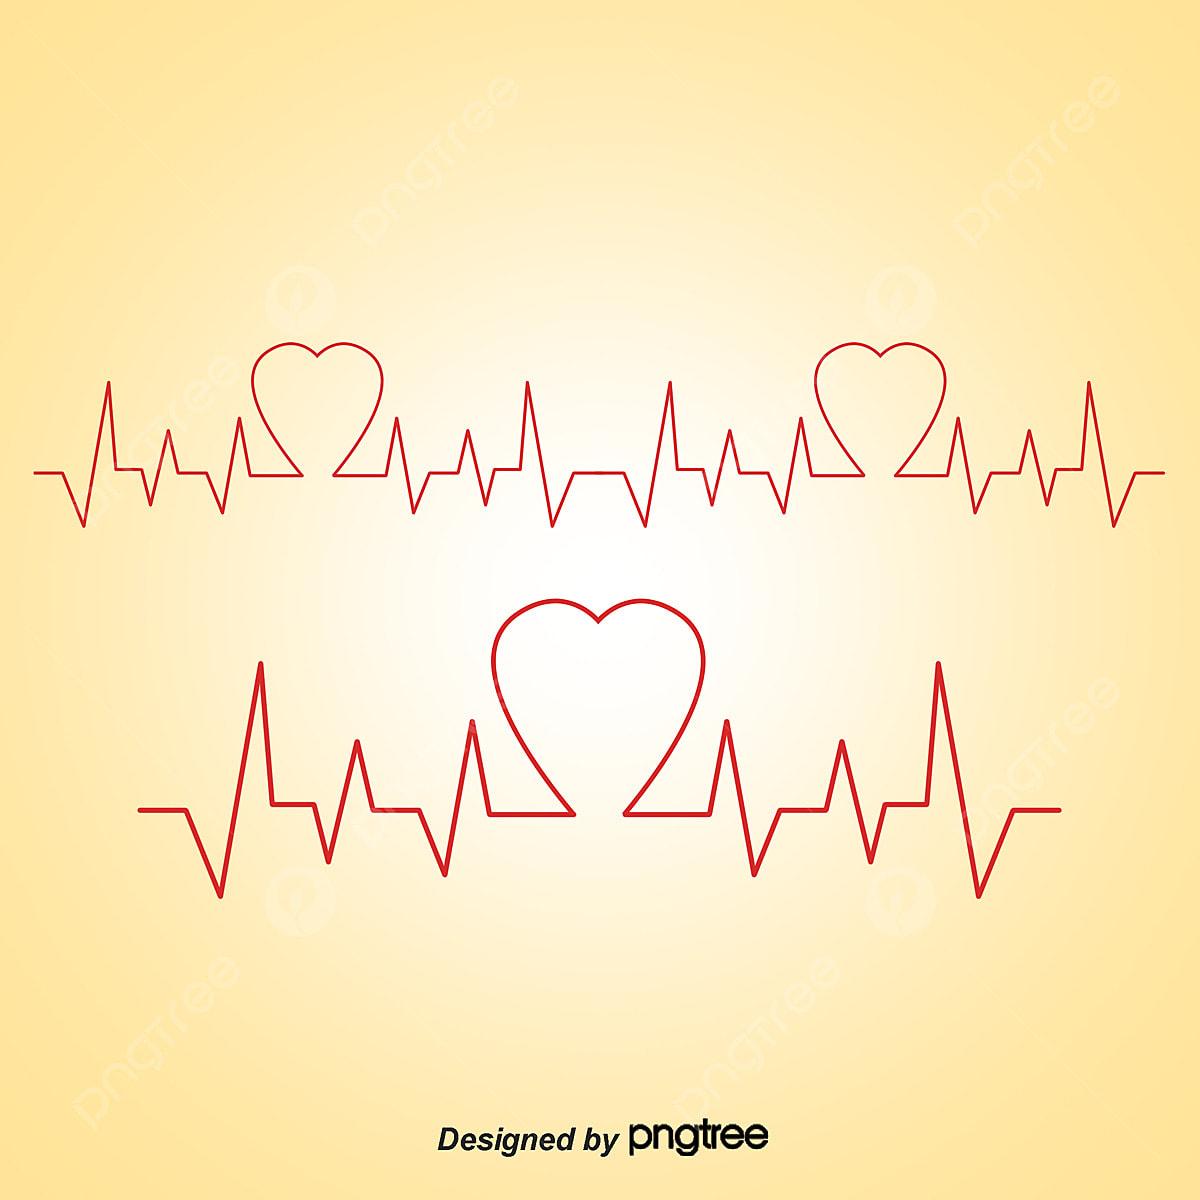 ناقلات رسم نبضات القلب نبض القلب المرسومة قلب أحمر Png وملف Psd للتحميل مجانا